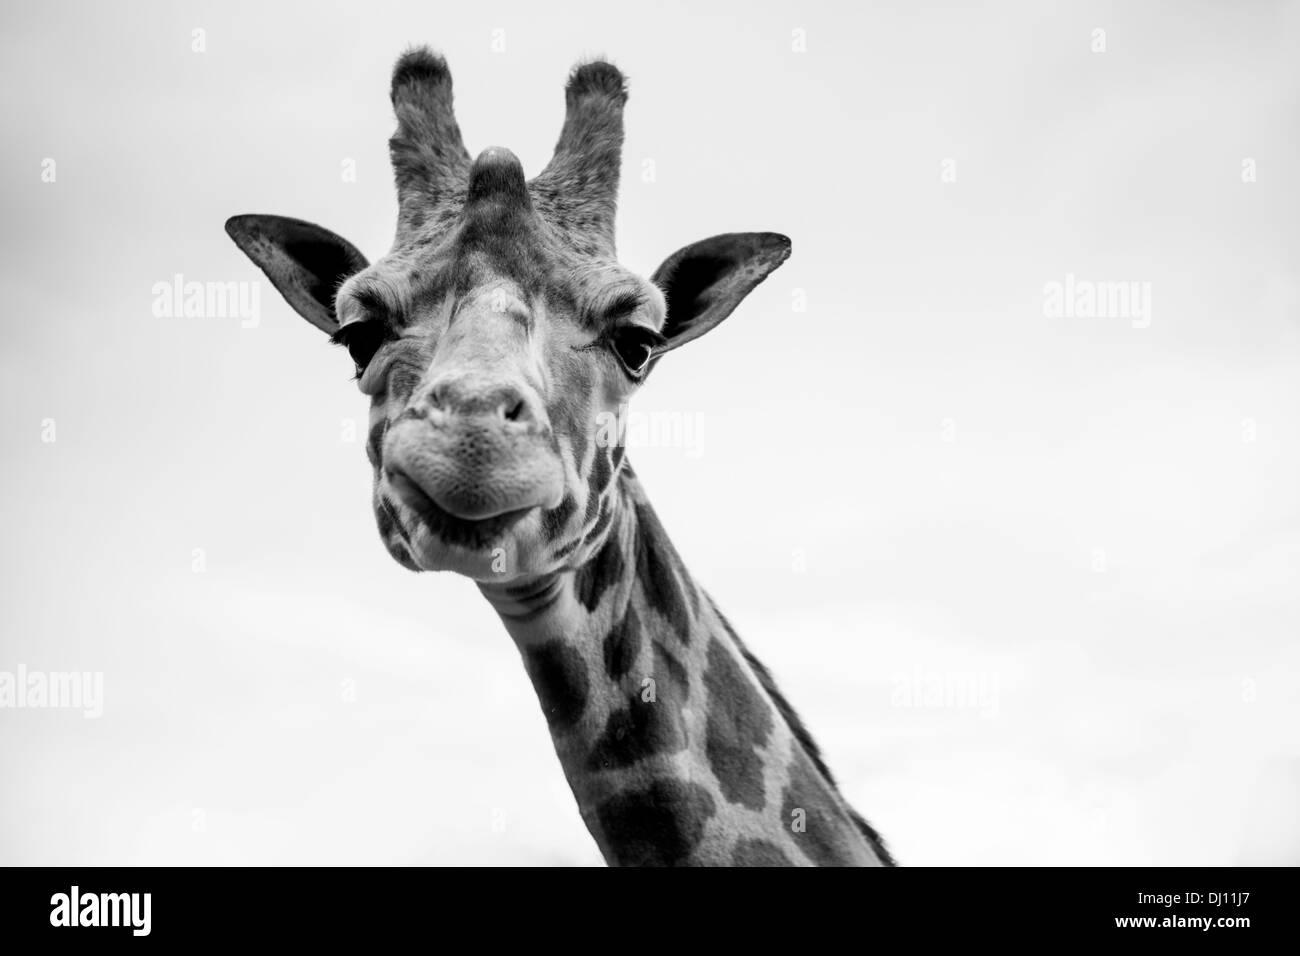 Una jirafa, retrato en blanco y negro Imagen De Stock